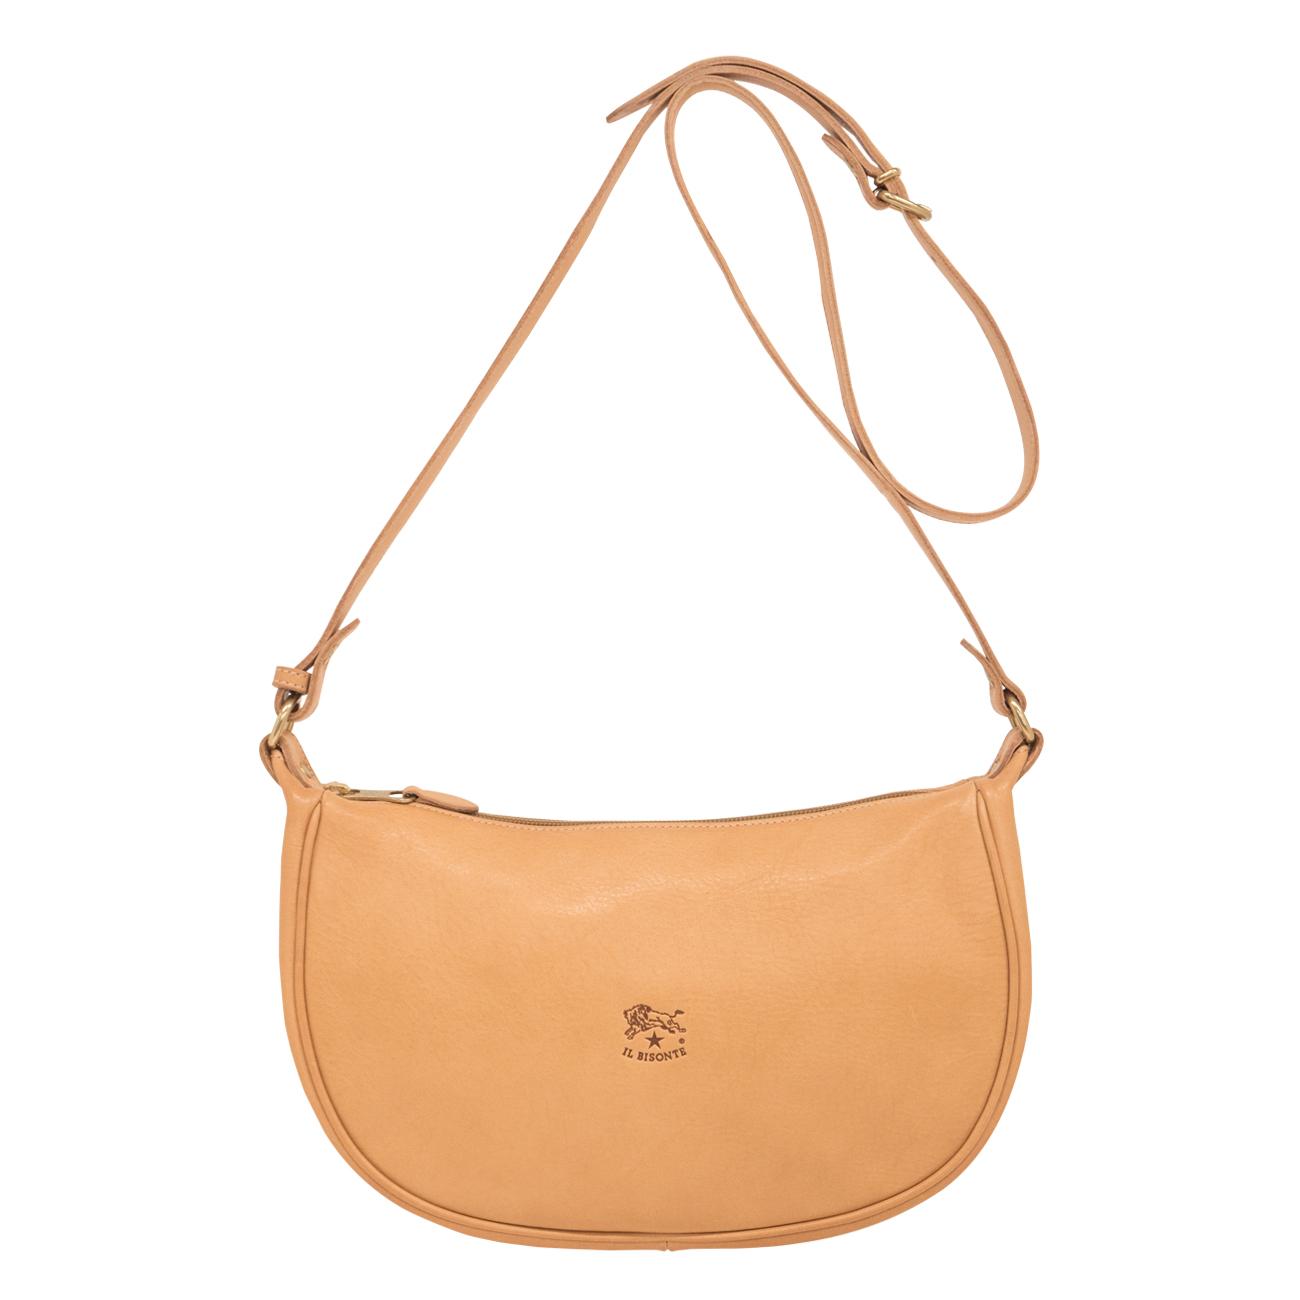 ショルダーバッグ(イルビゾンテ)Leather Bag